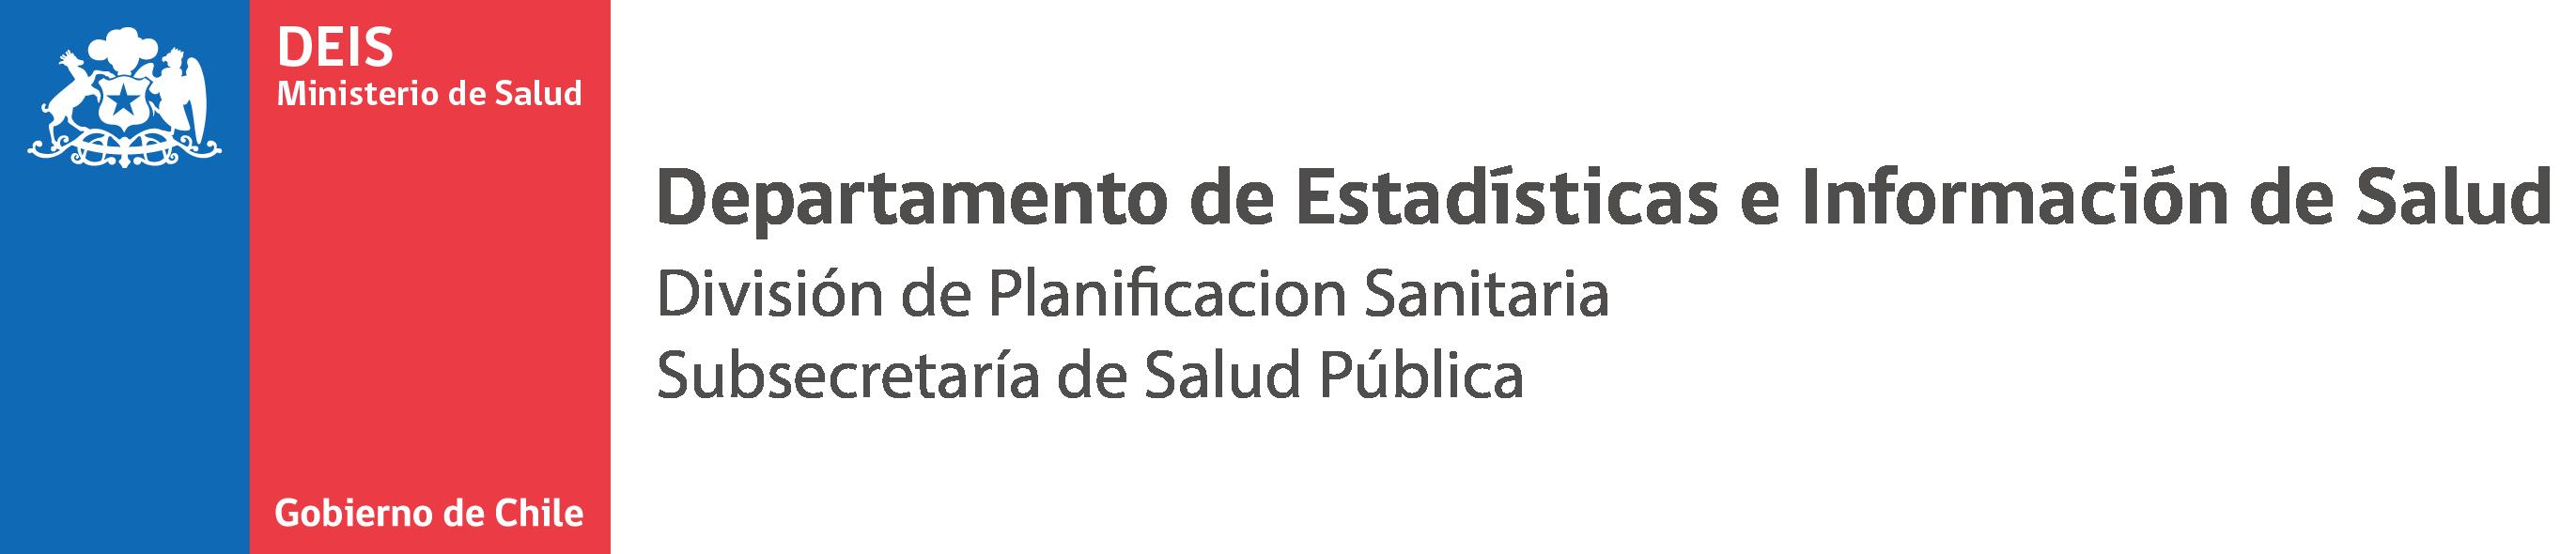 Departamento de Estadisticas e Información de Salud